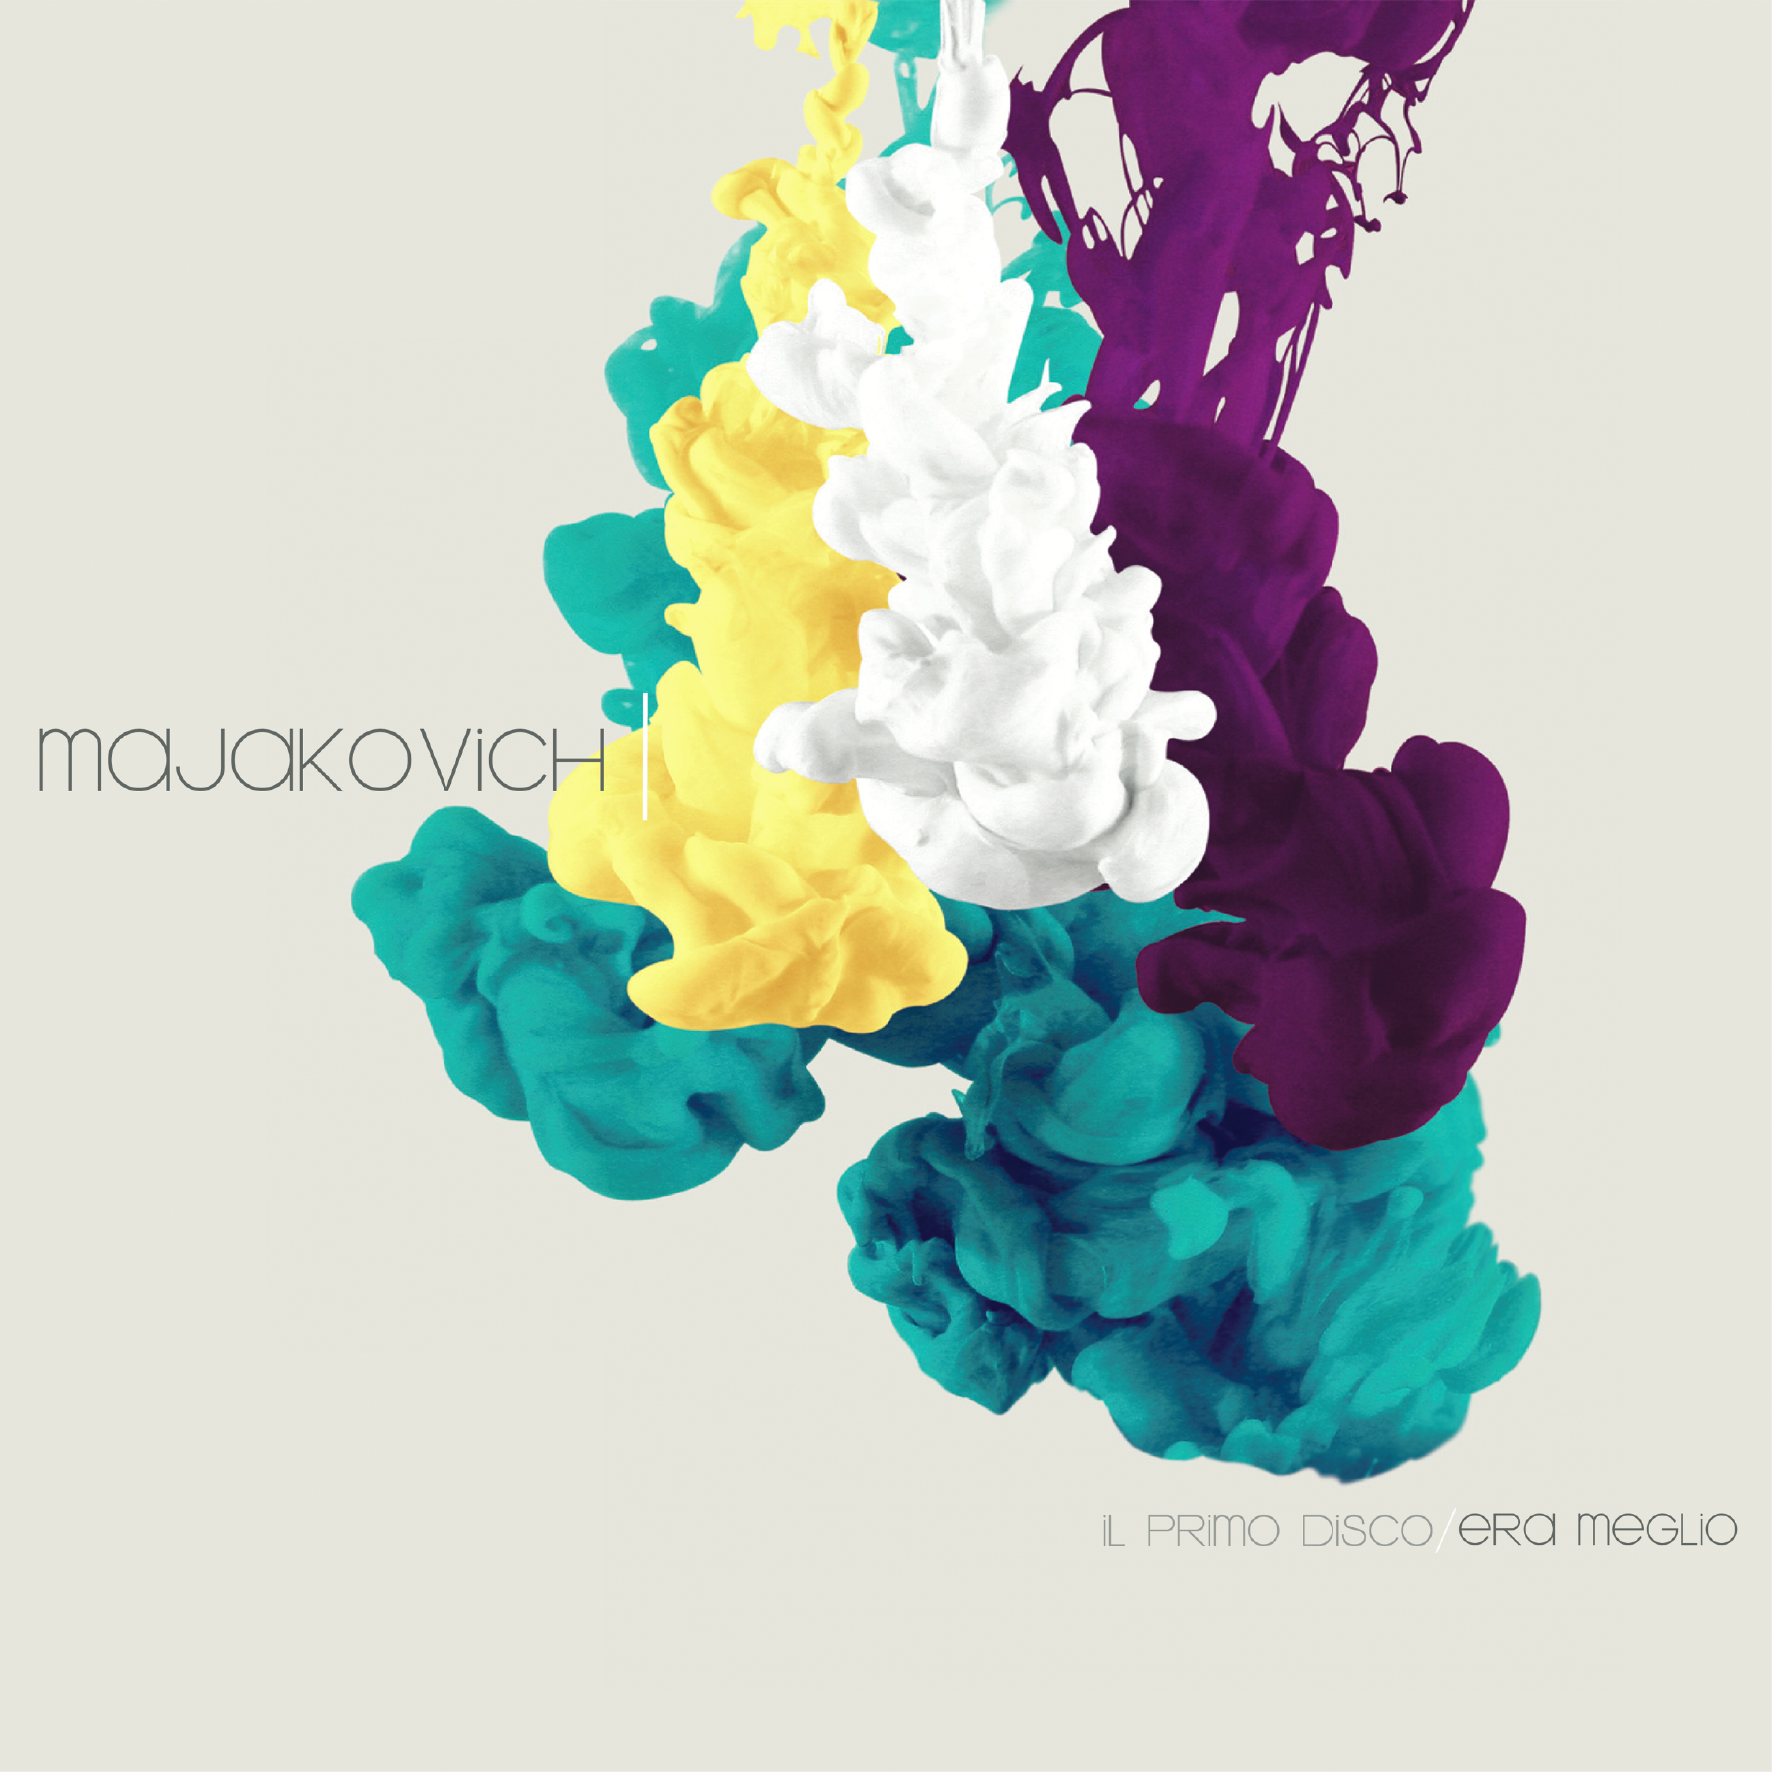 Majakovich - Il primo disco era meglio CD